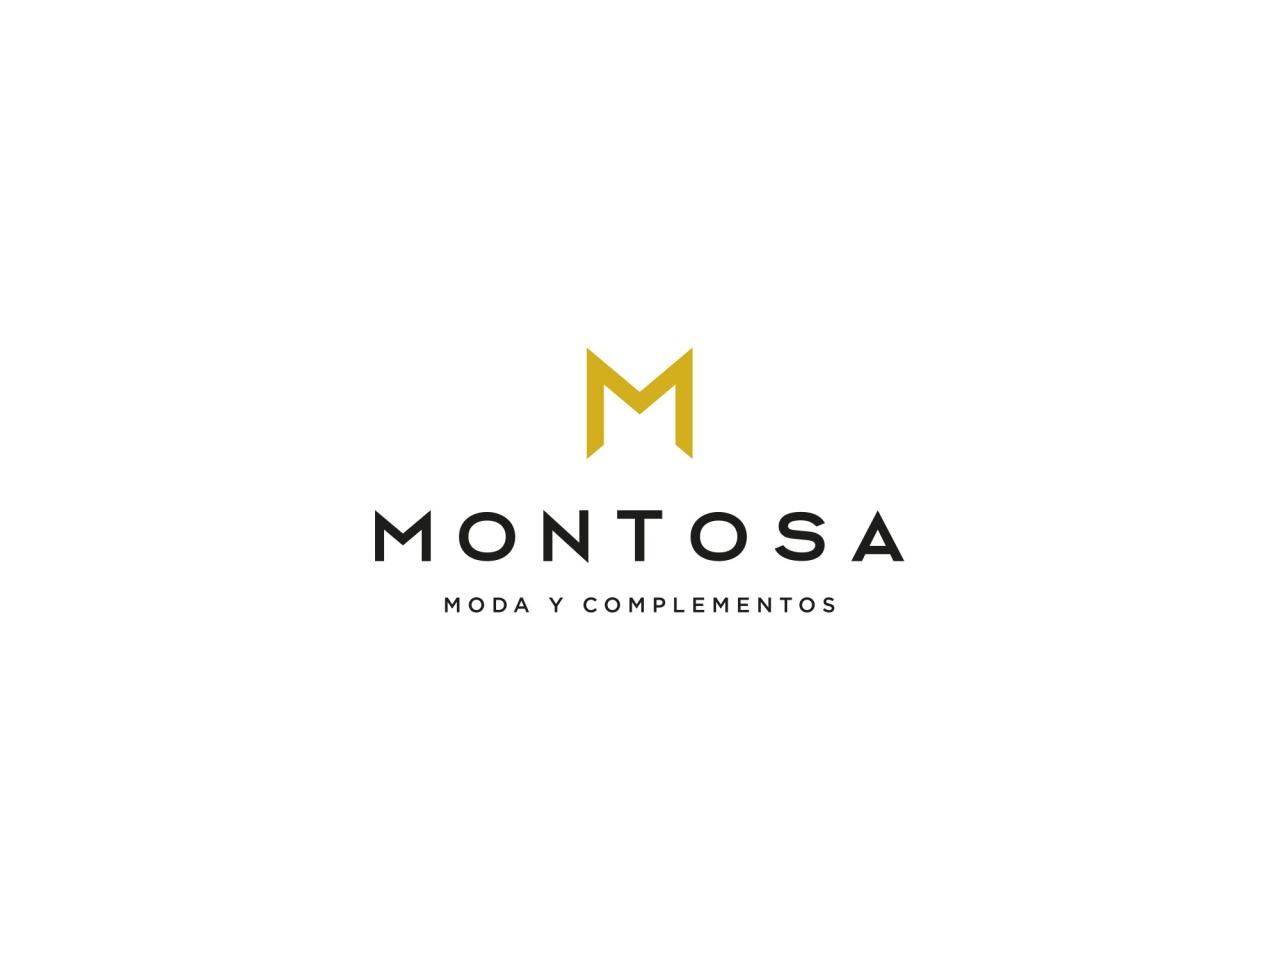 Logotipo Montosa Moda y Complementos